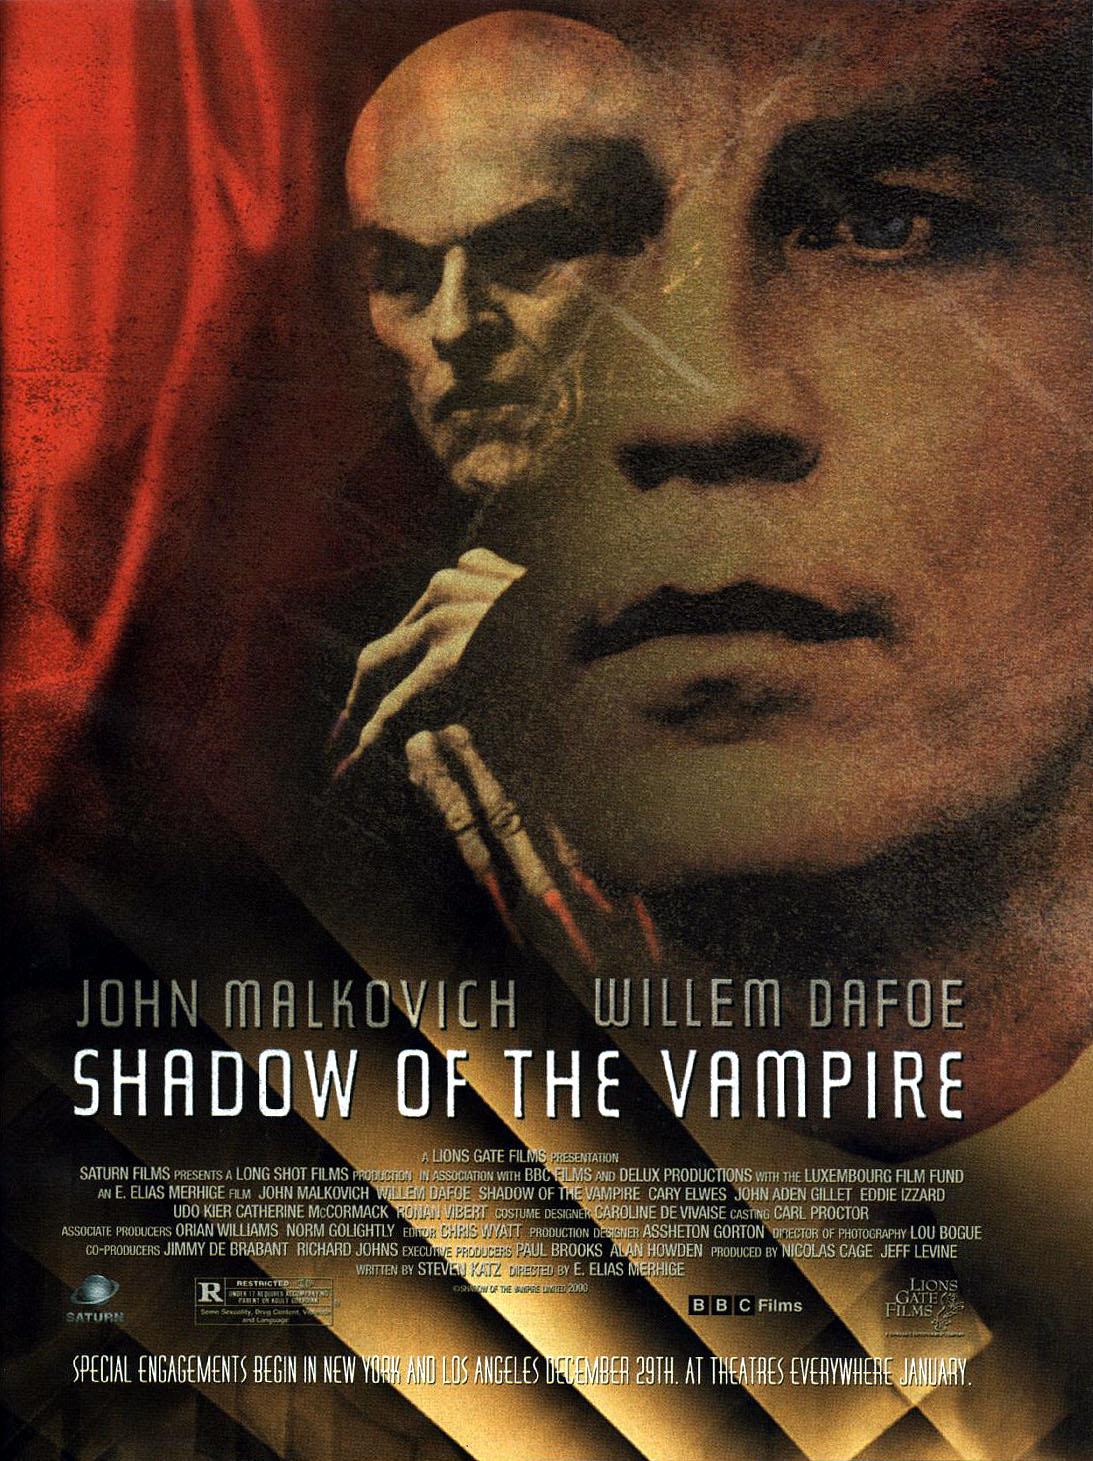 http://1.bp.blogspot.com/-ZWFvCCbc8oU/UeLF7uSFkeI/AAAAAAAACw8/hCGGj5JlCA8/s1600/shadow-of-the-vampire-poster.jpg